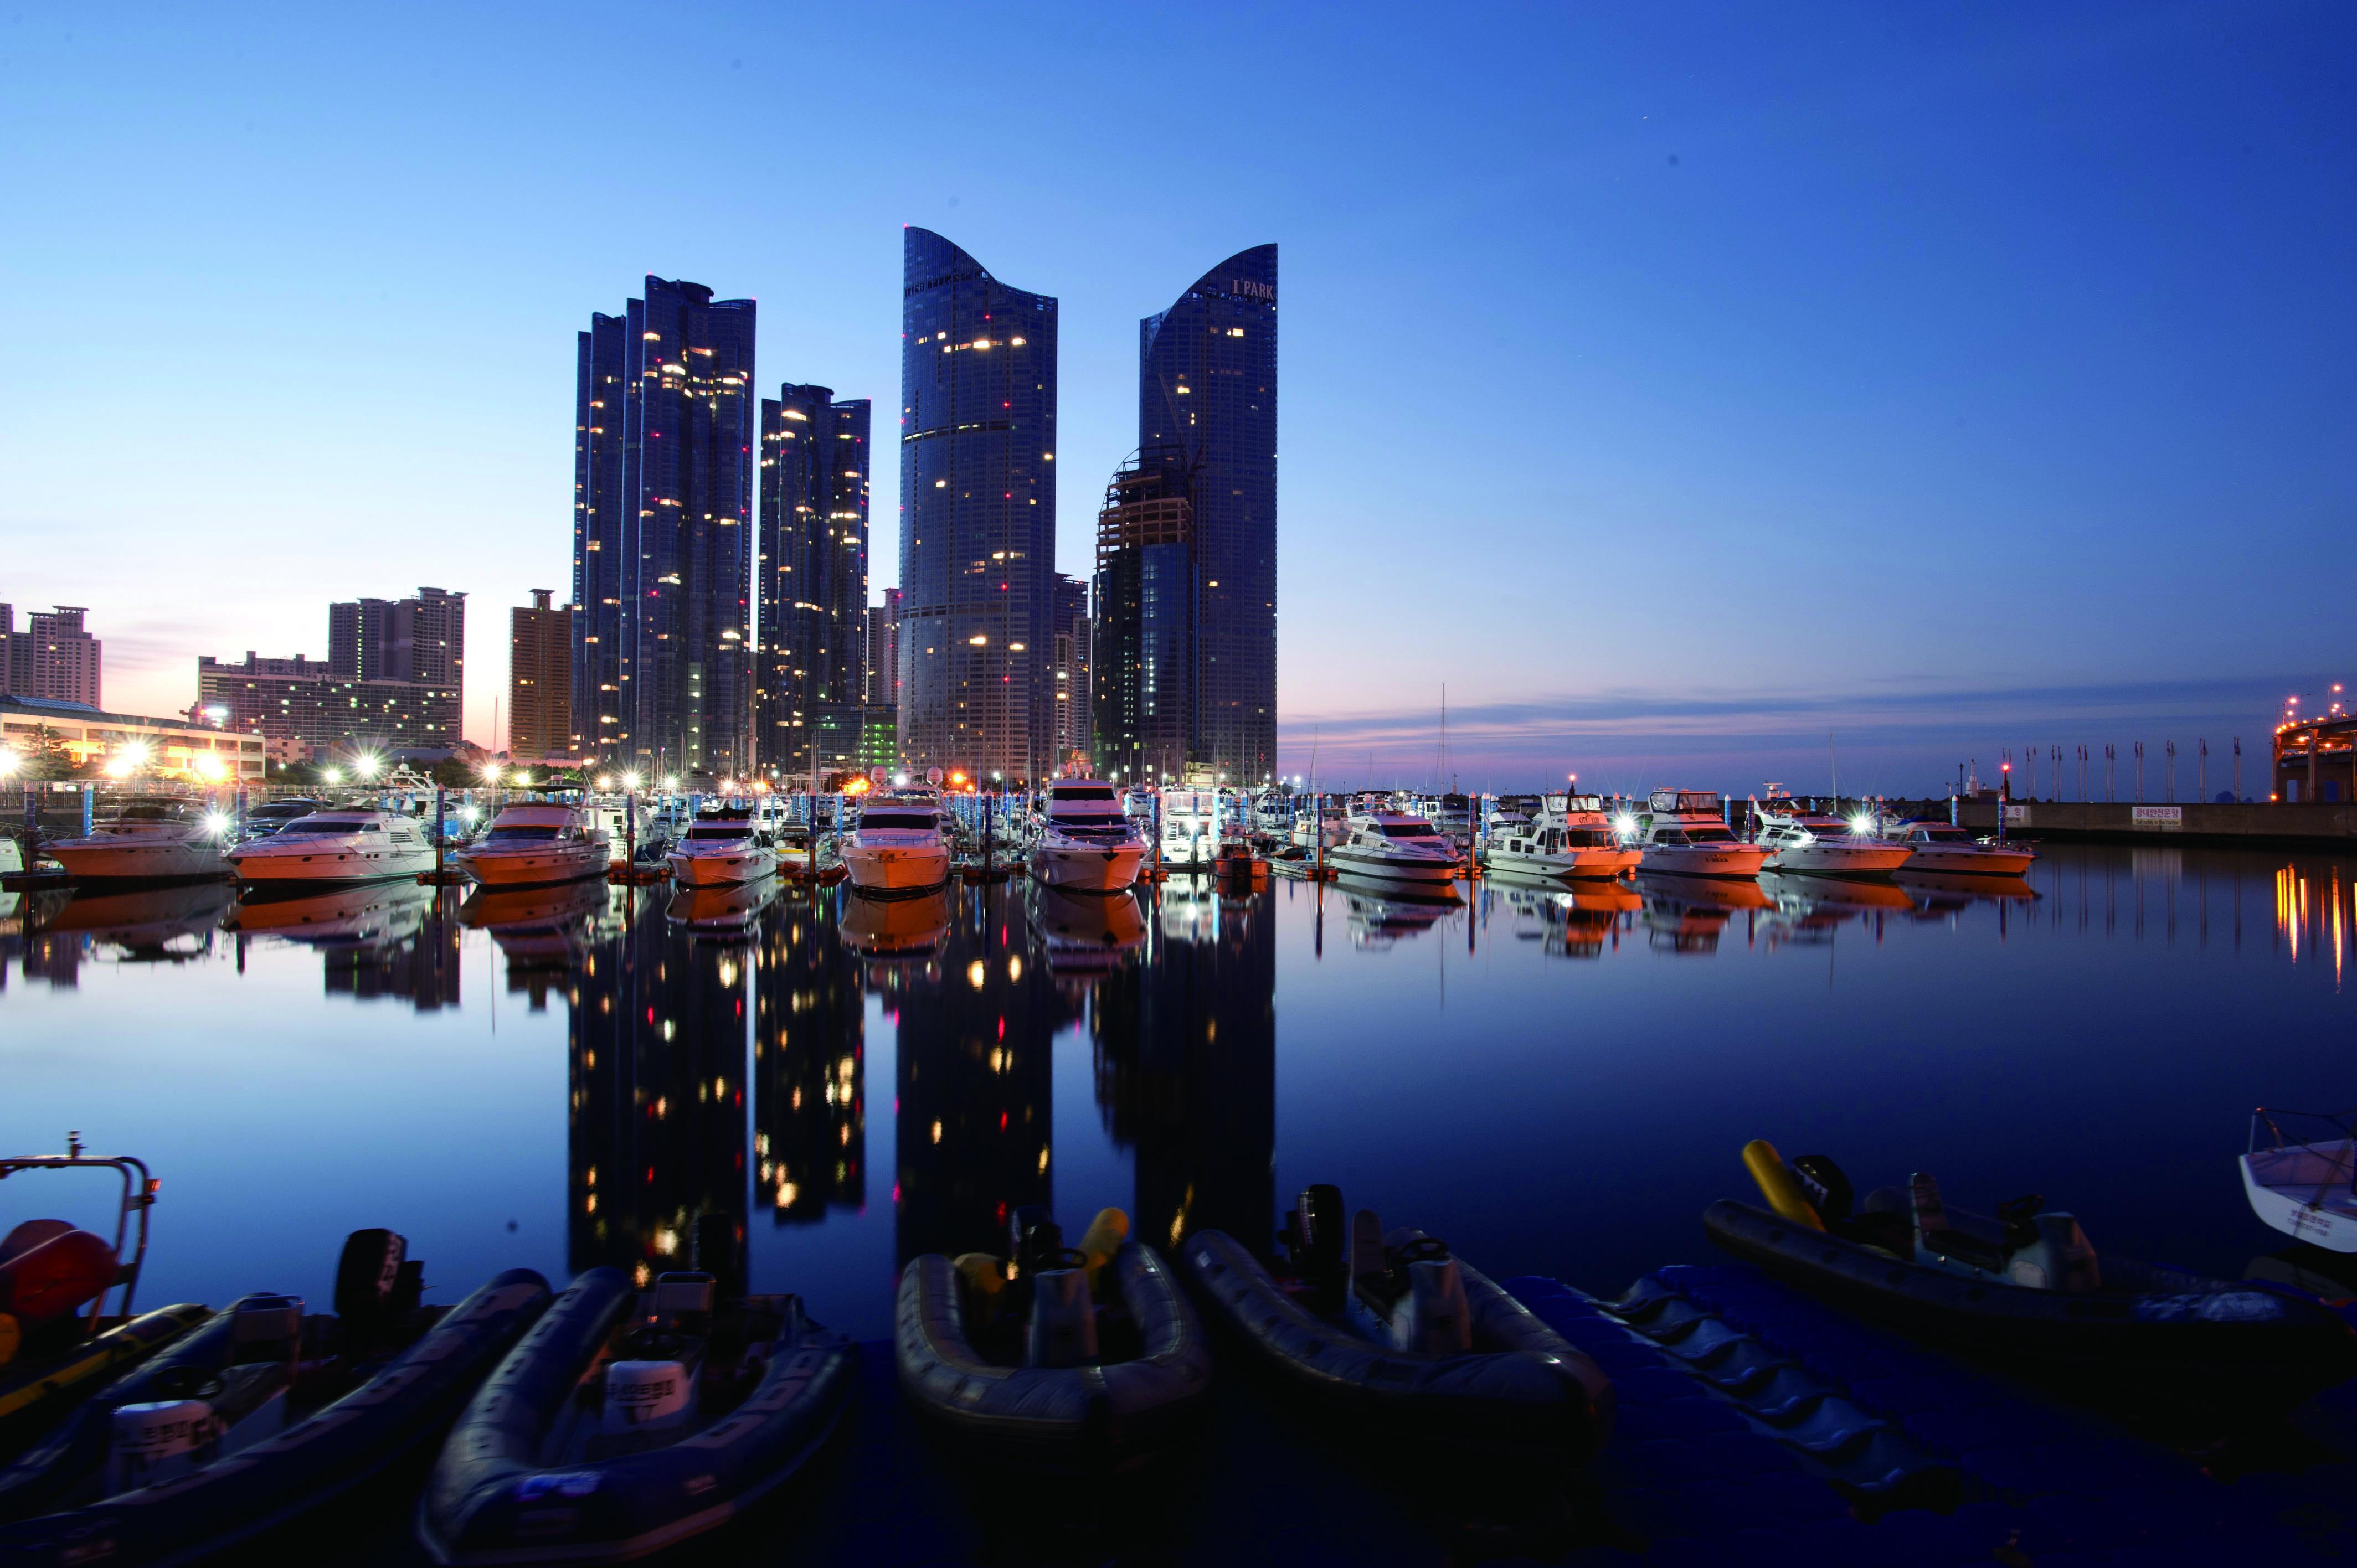 Знакомства в кореи пусан анкеты для знакомства по аське